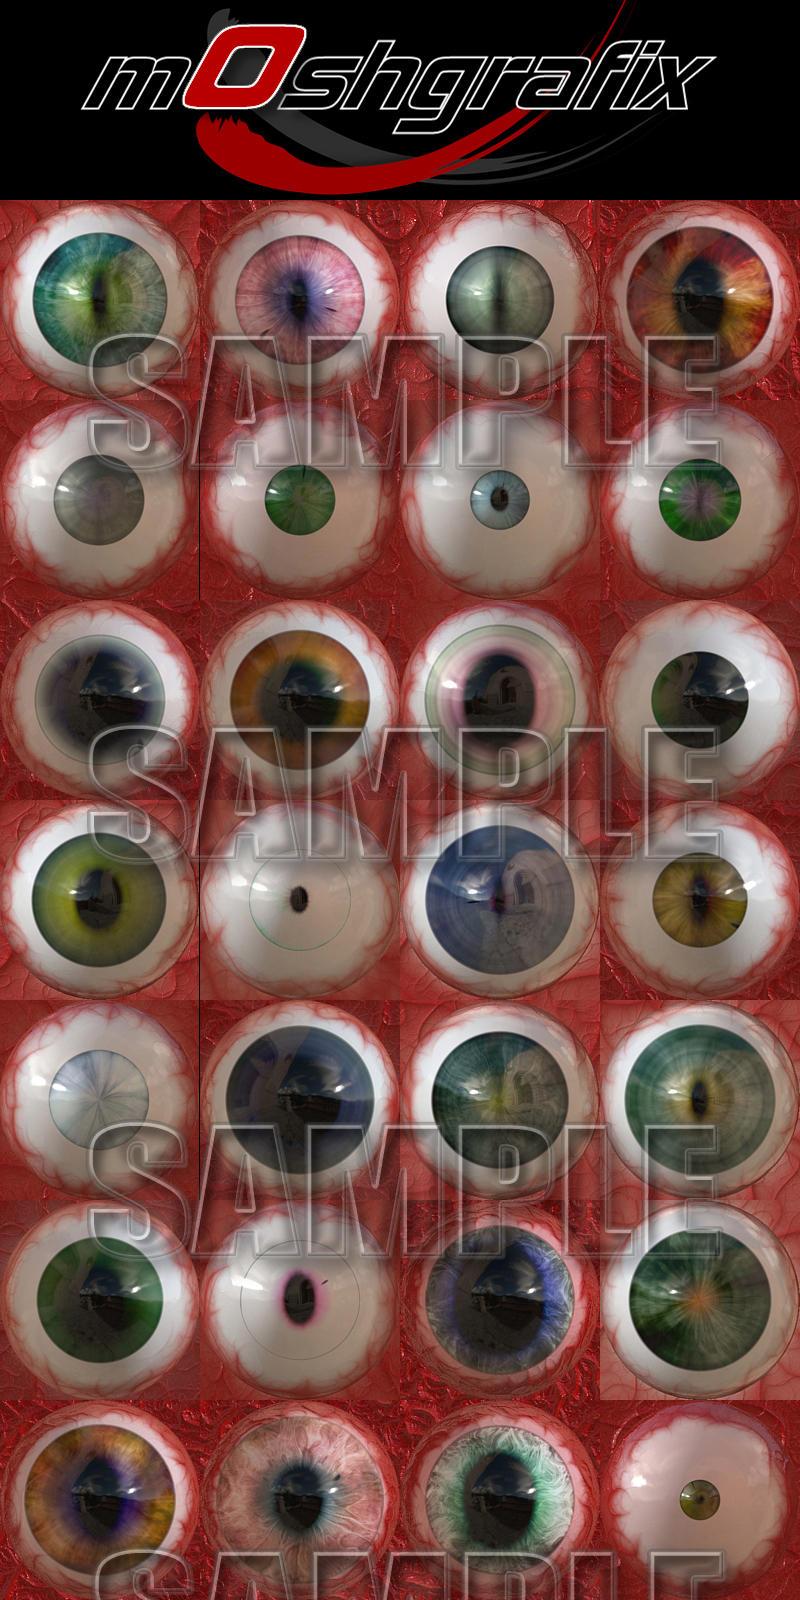 85 Eyes by Mosh-X